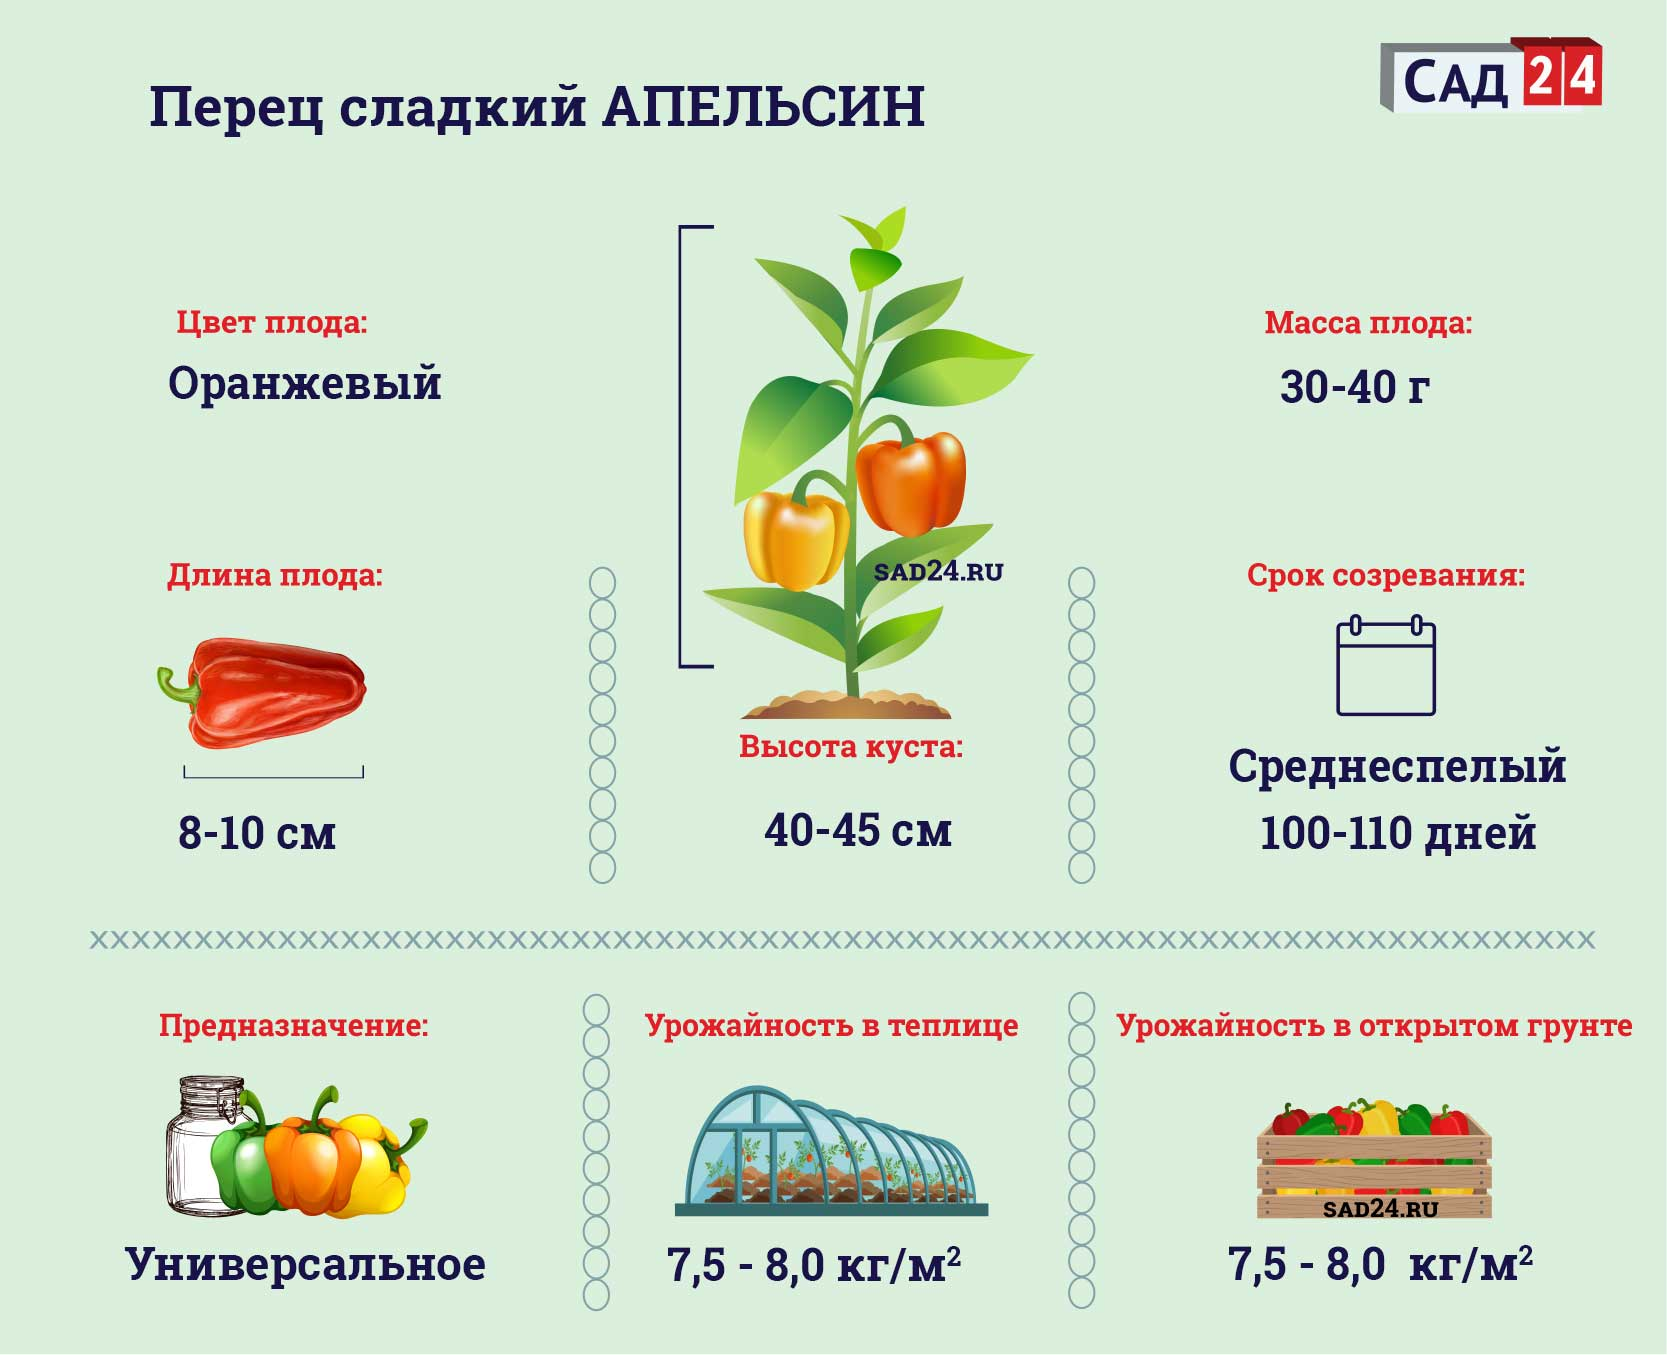 Апельсин - https://sad24.ru